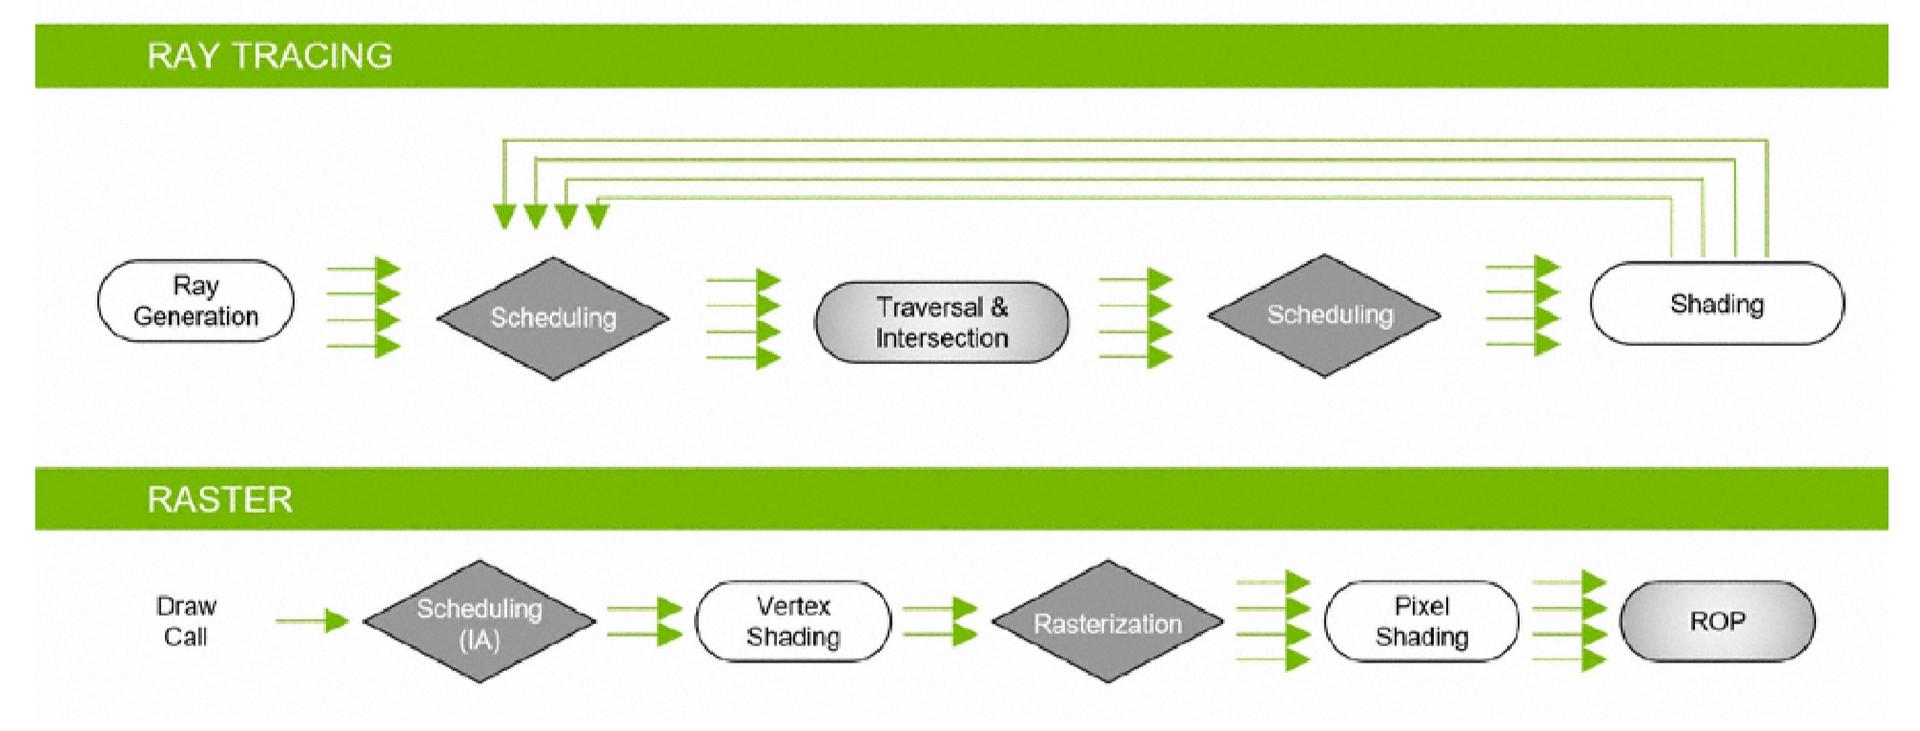 Ray-tracing i rasteryzacja